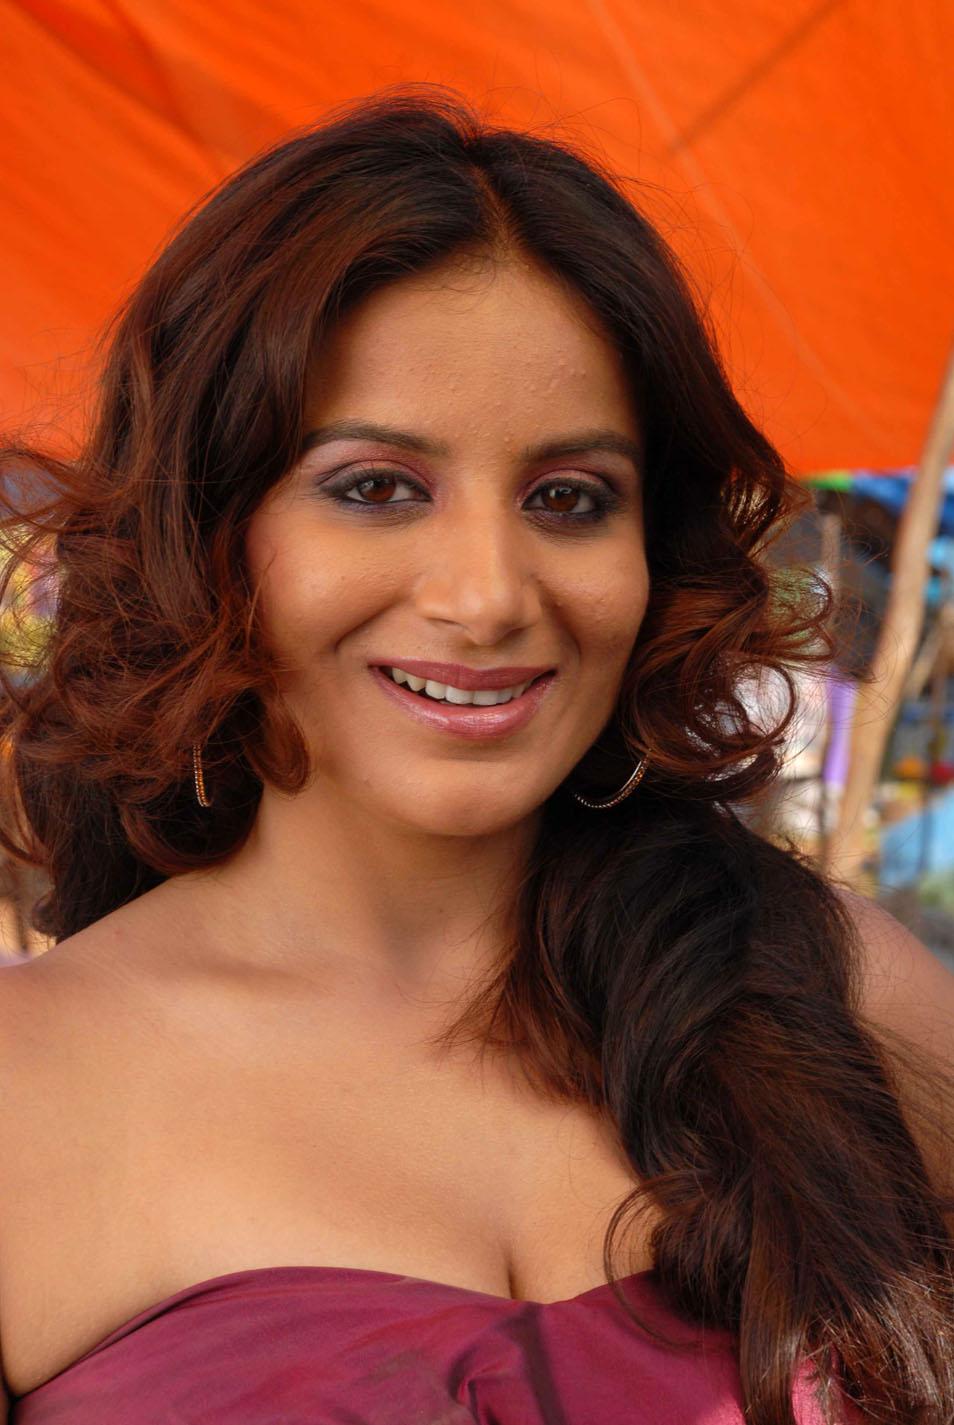 tamil actress HD wallpapers: Bhavana Hot Facebook Photos